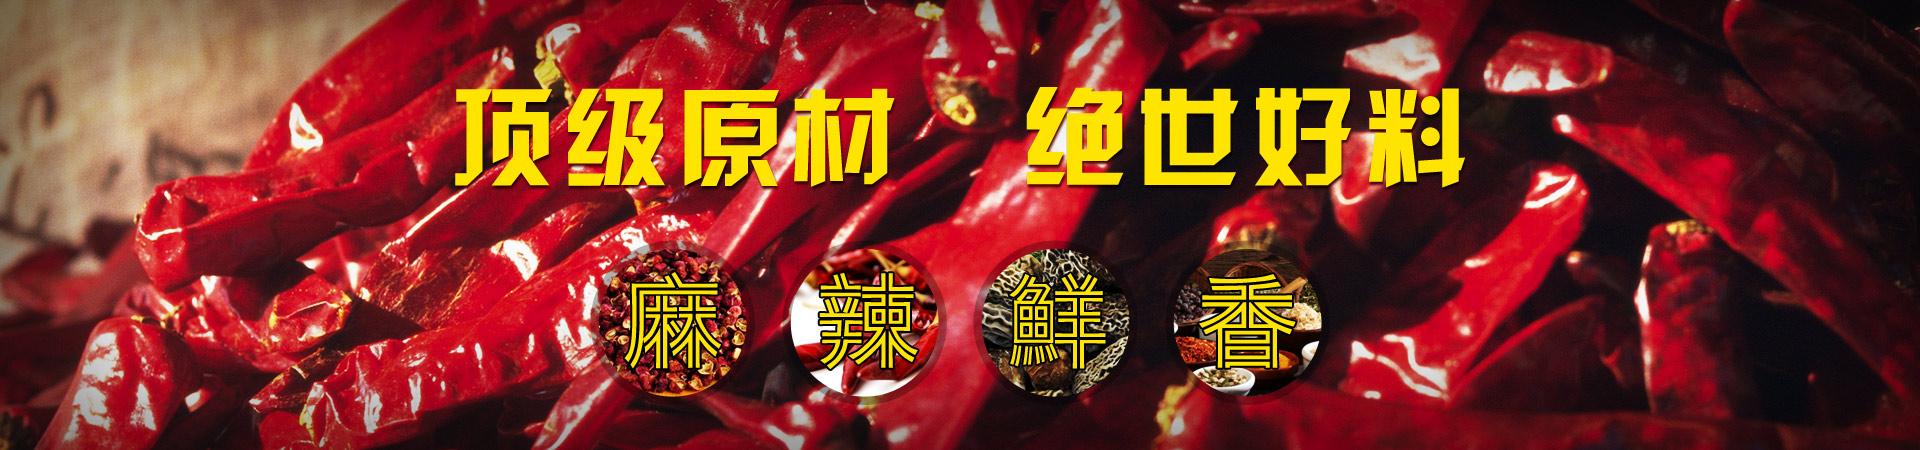 重庆火锅底料批发,重庆火锅火锅底料代加工,重庆火锅底料厂,重庆火锅底料加工厂